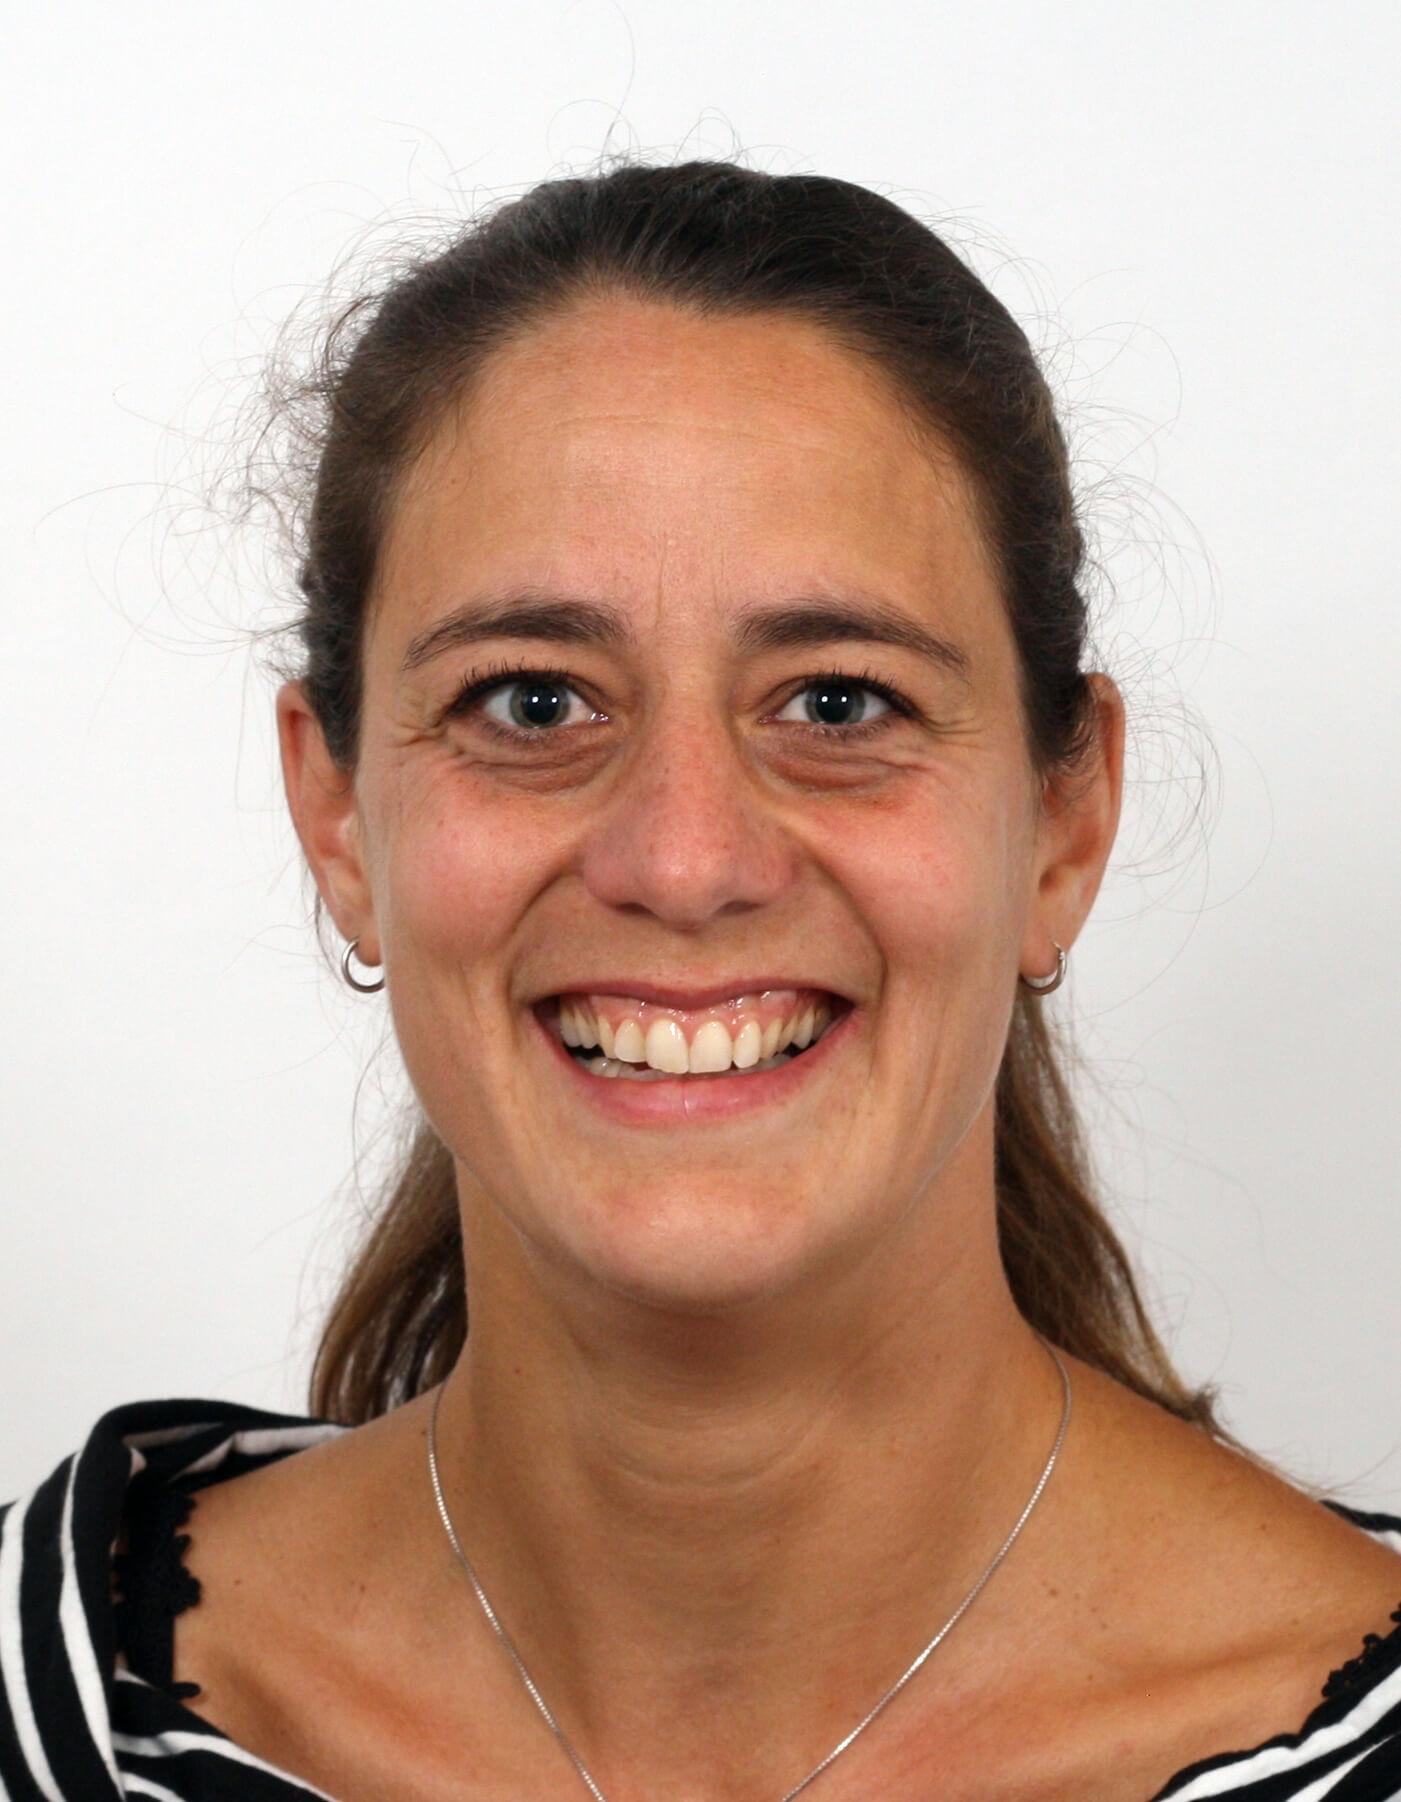 Marieke Kaspers